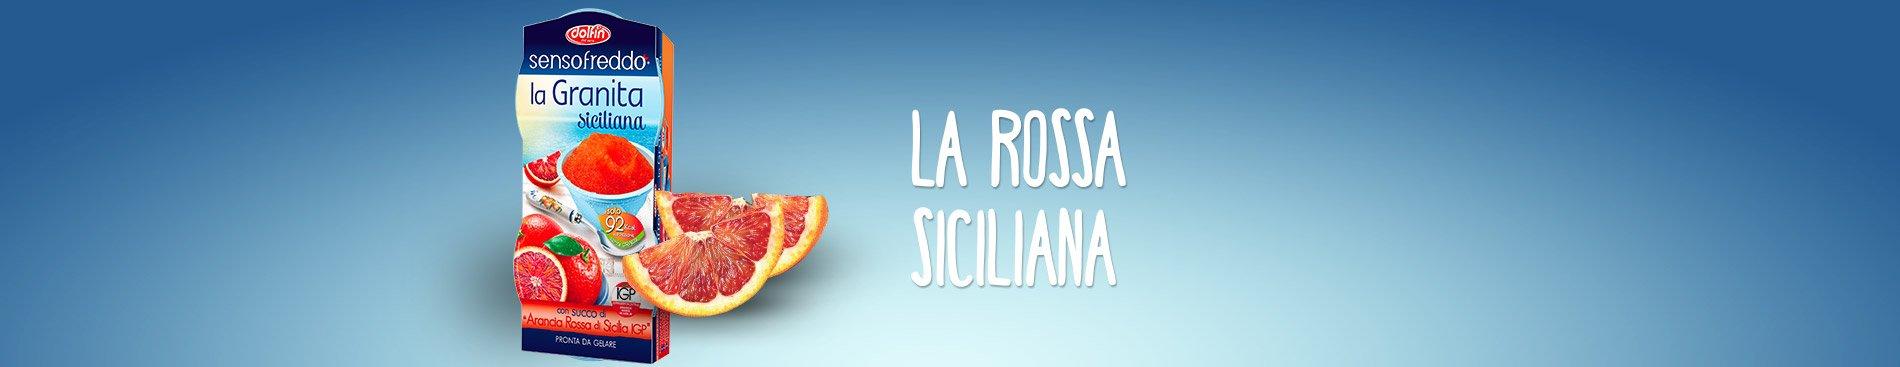 Senso Freddo la Granita - arancia rossa di Sicilia